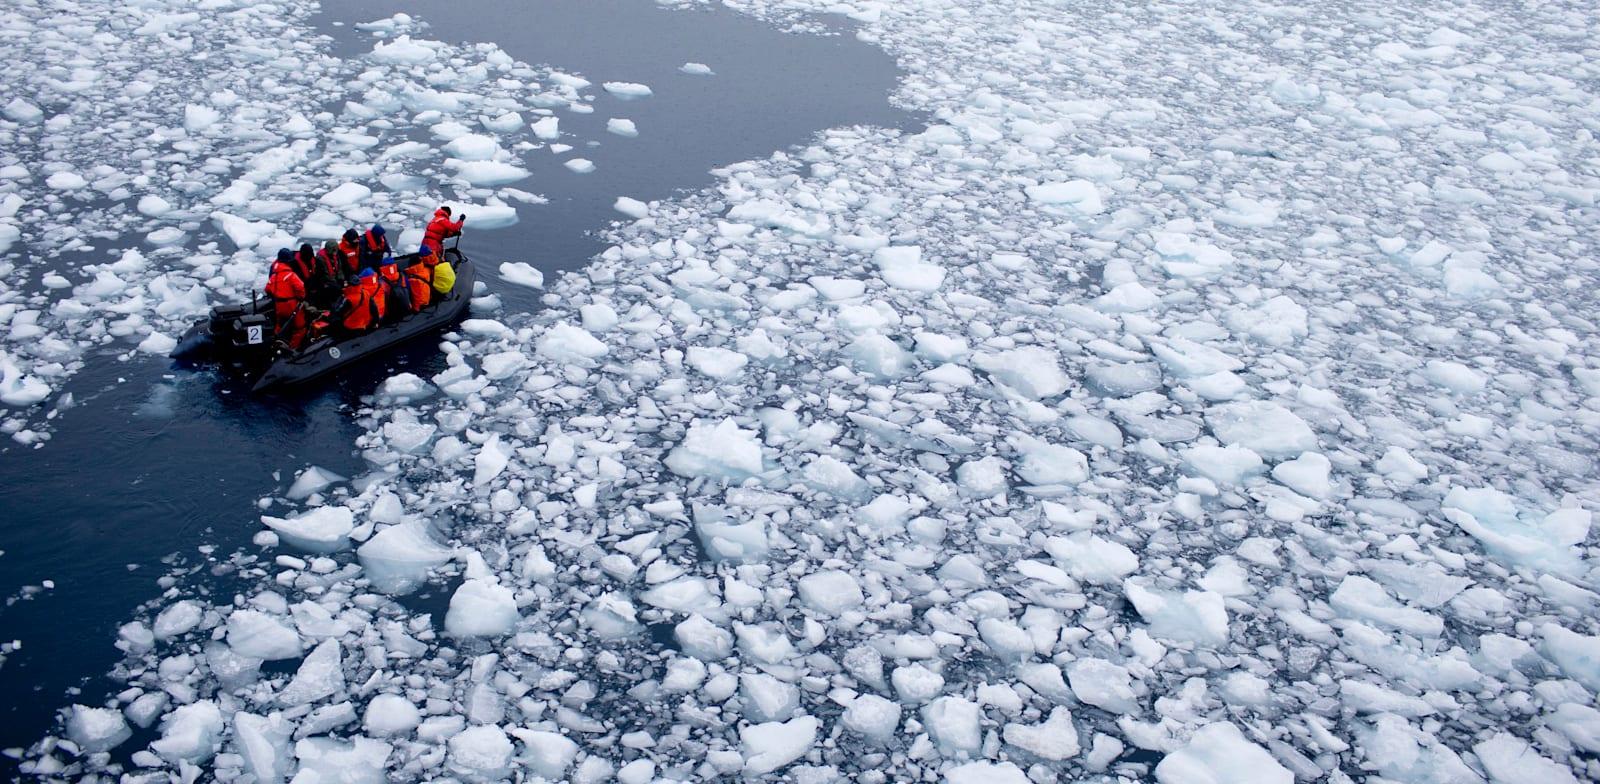 """ה""""גראונד זירו"""" של ההתחממות הגלובלית באנטרטיקה / צילום: Associated Press, Natacha Pisarenko"""